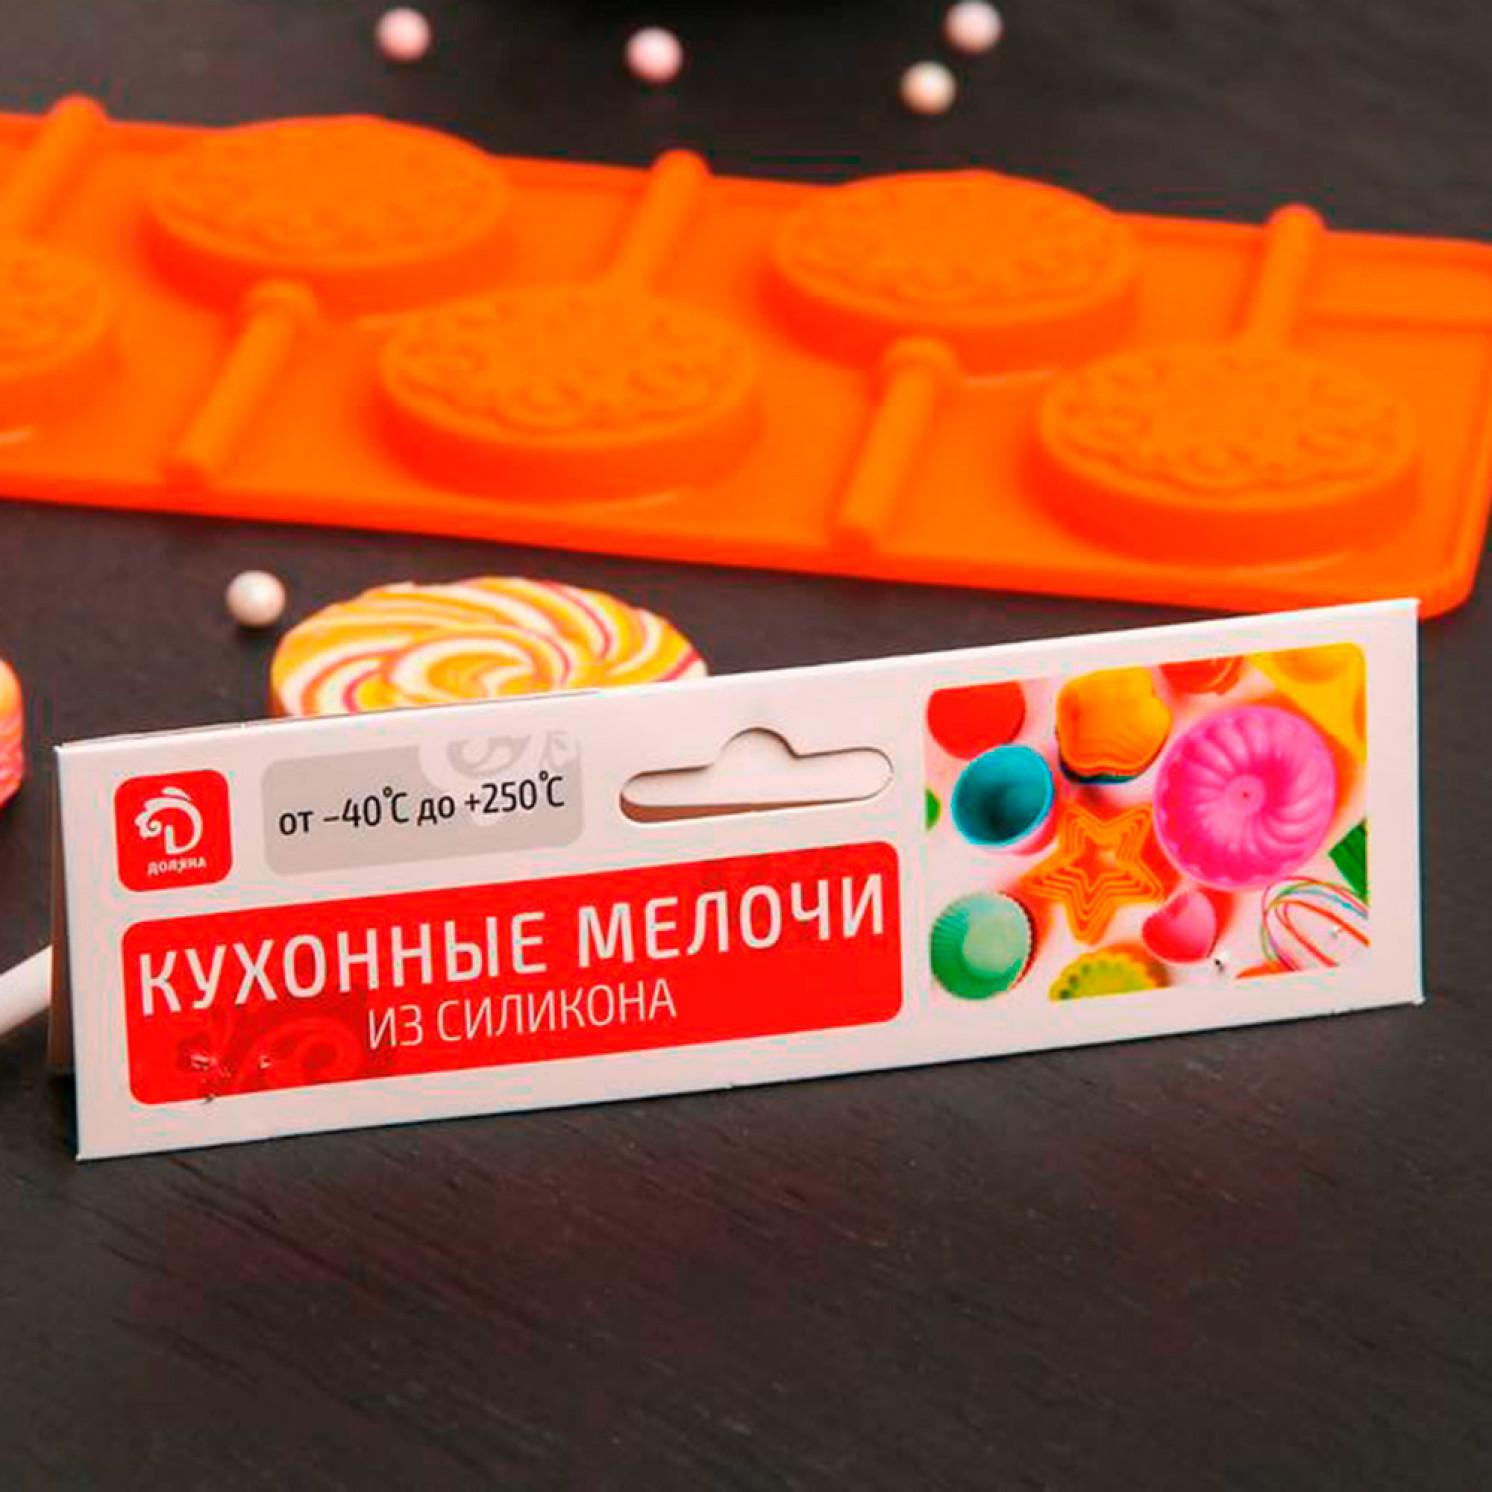 Форма для леденцов и мороженого «Морозко», 24×9,4×1,5 см, 6 ячеек (4х4 см), с палочками, цвет МИКС